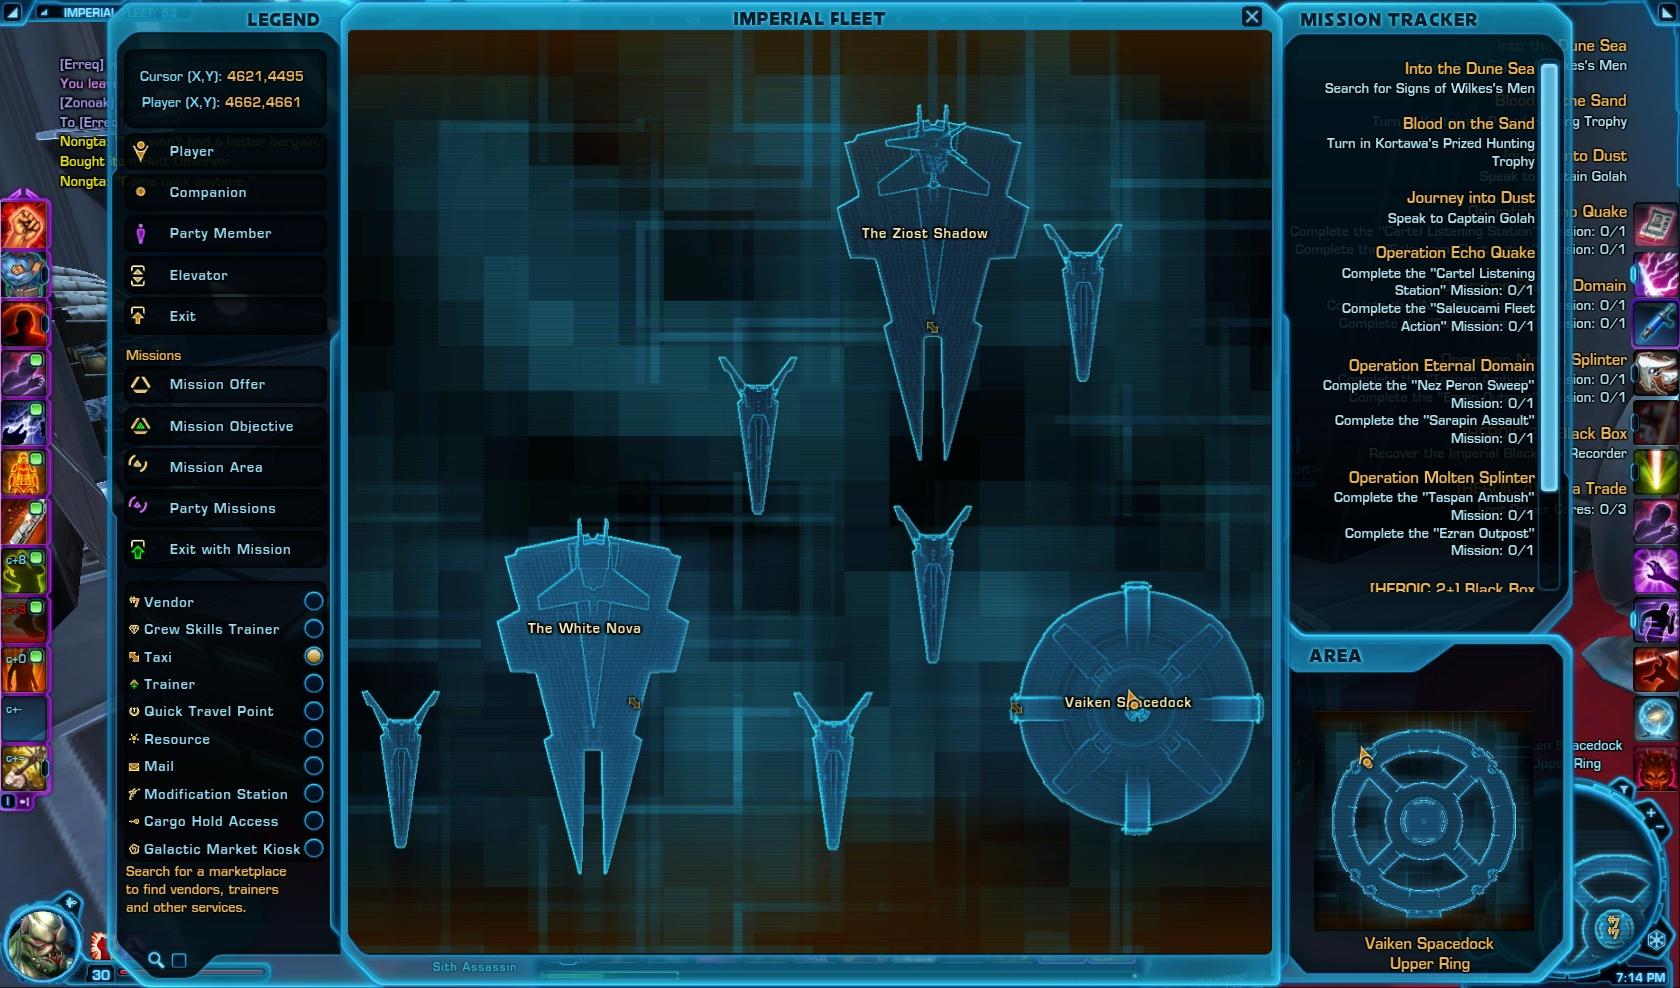 Nongta Collector's Edition Vendor Map View Imperial Fleet